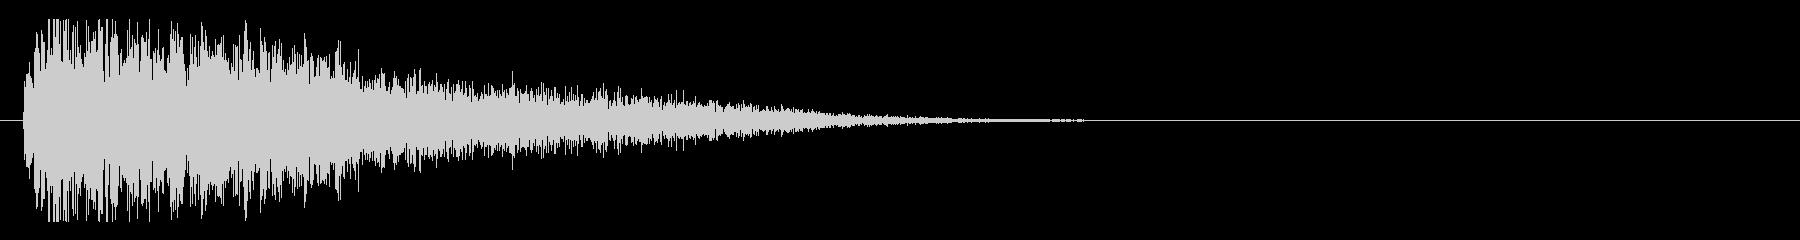 サスペンスピアノ音_2-3の未再生の波形